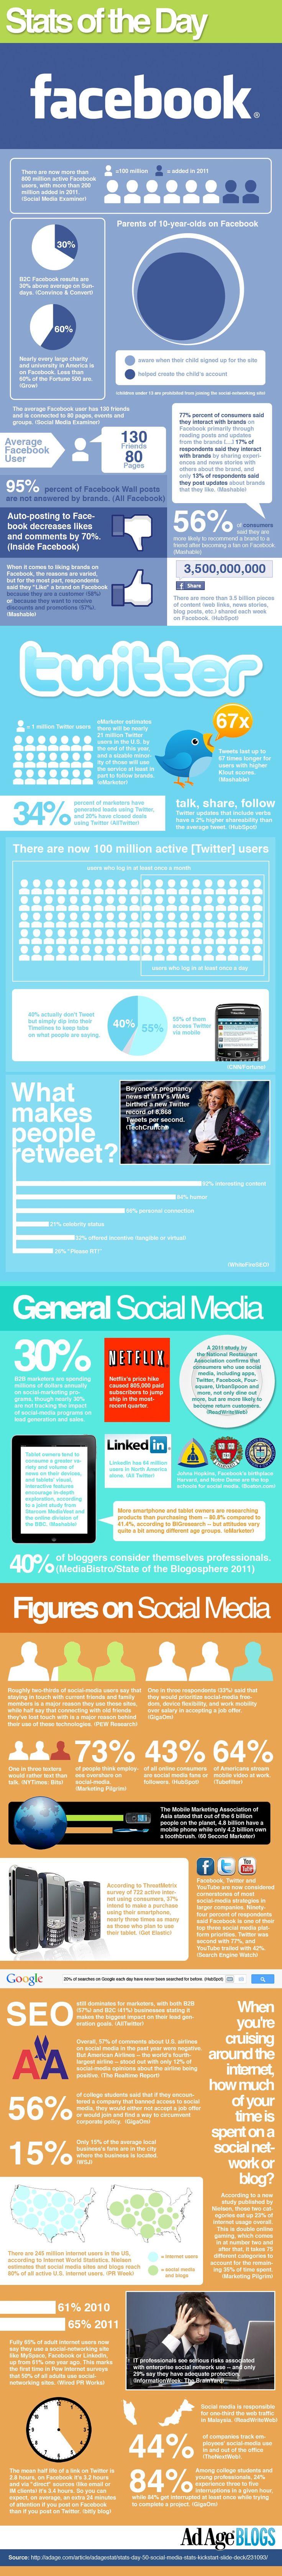 Social Media InfographicsMedia Stats, Social Network, Twitter, Social Media Marketing, Media Statistics, Social Media Infographic, Blog, Socialmedia, Medium